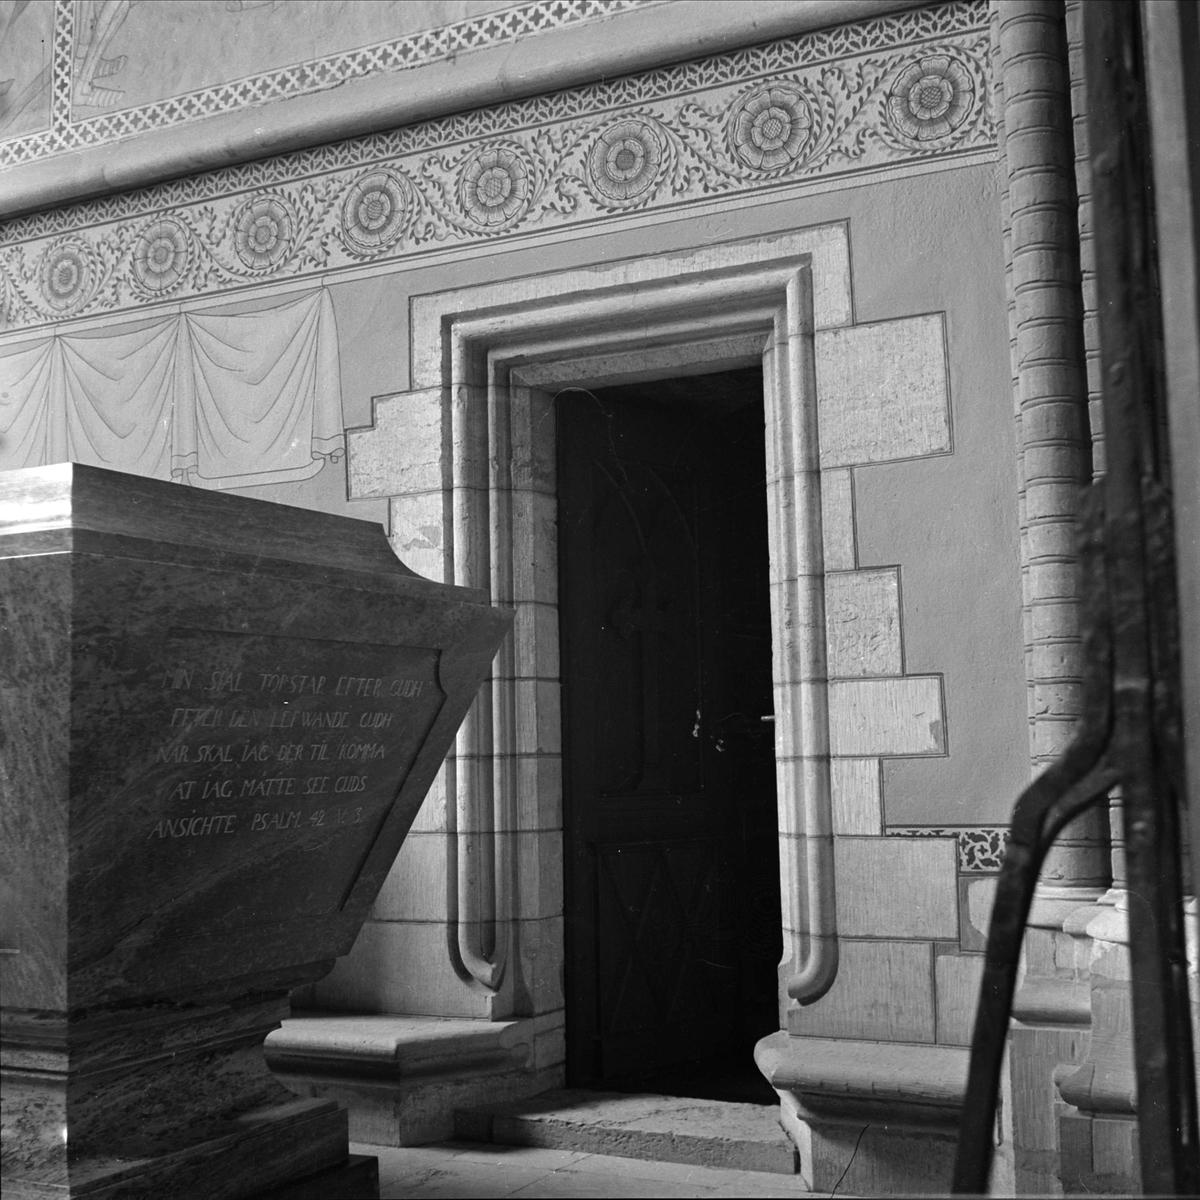 Interiör i Helga Trefaldighets kyrka, kvarteret Oden, Uppsala